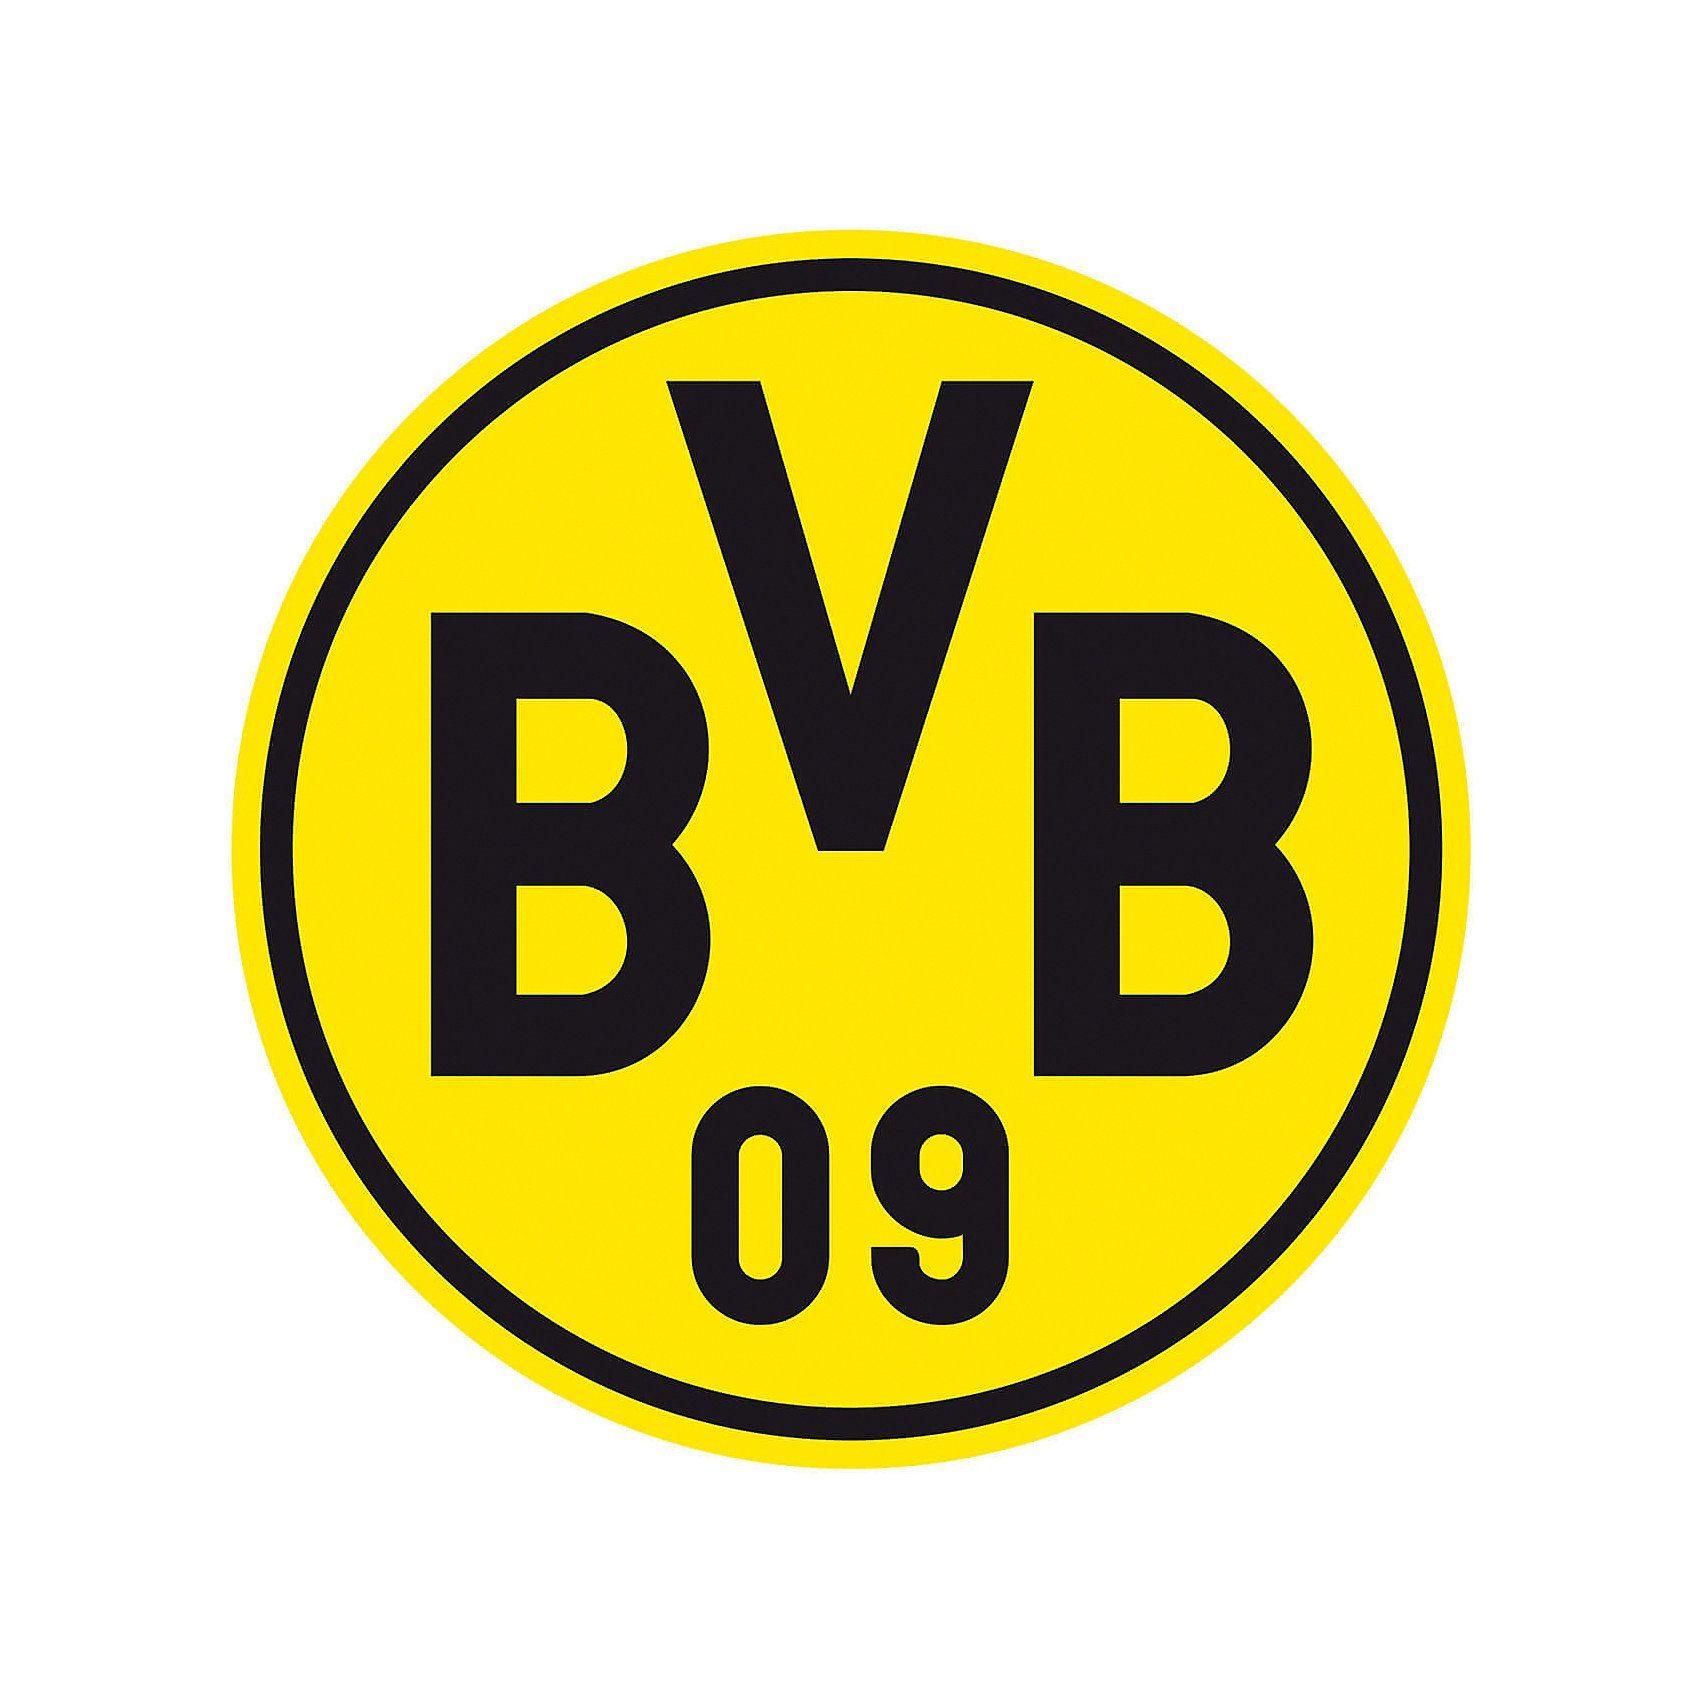 Wandsticker BVB, Logo